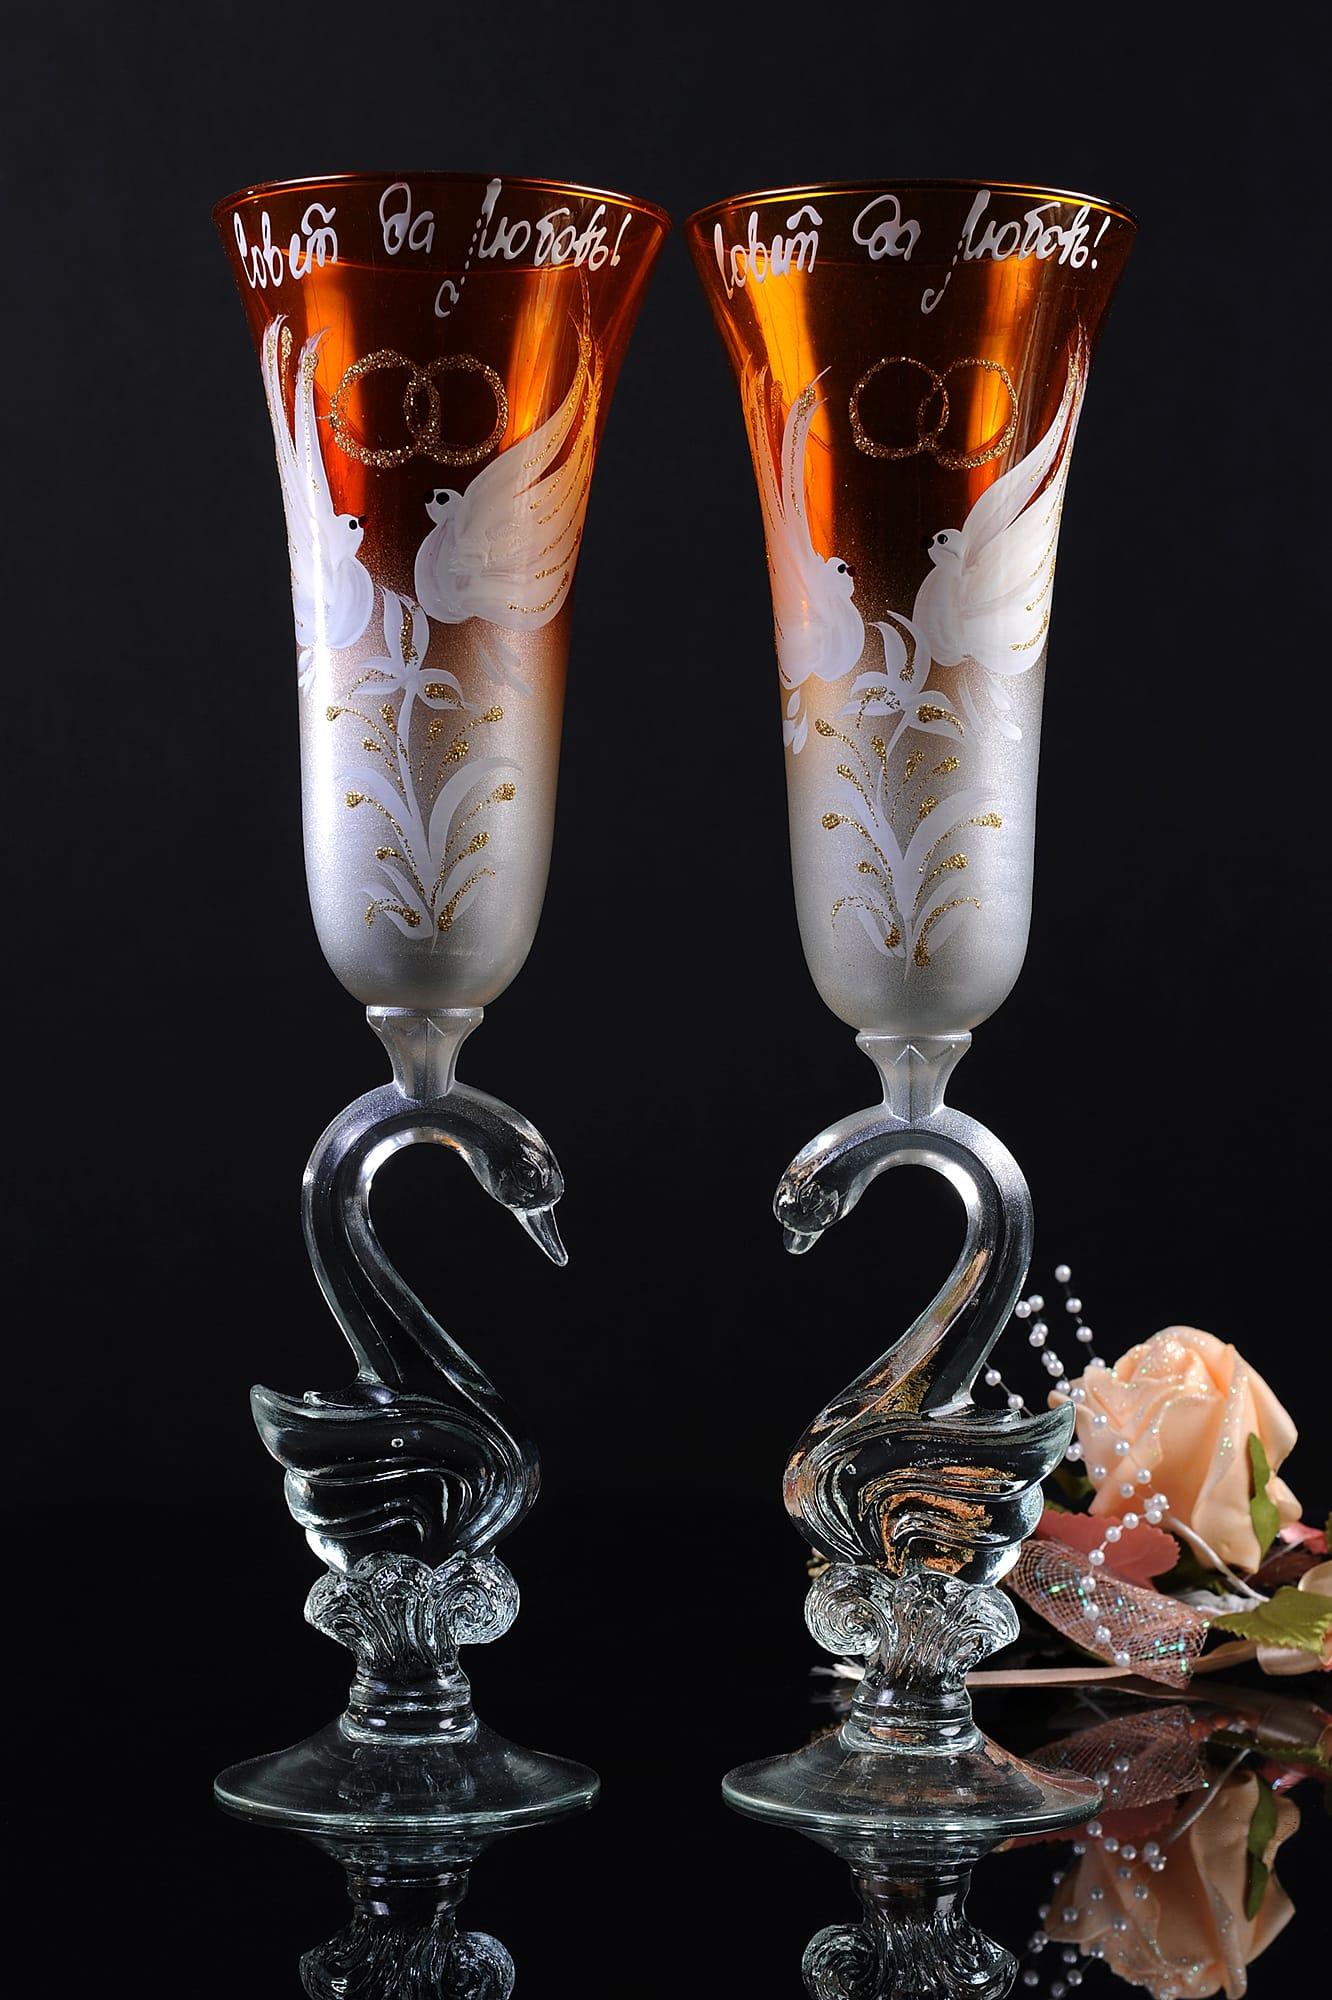 Золотистые свадебные фужеры с романтичным рисунком и ножками в форме птиц.